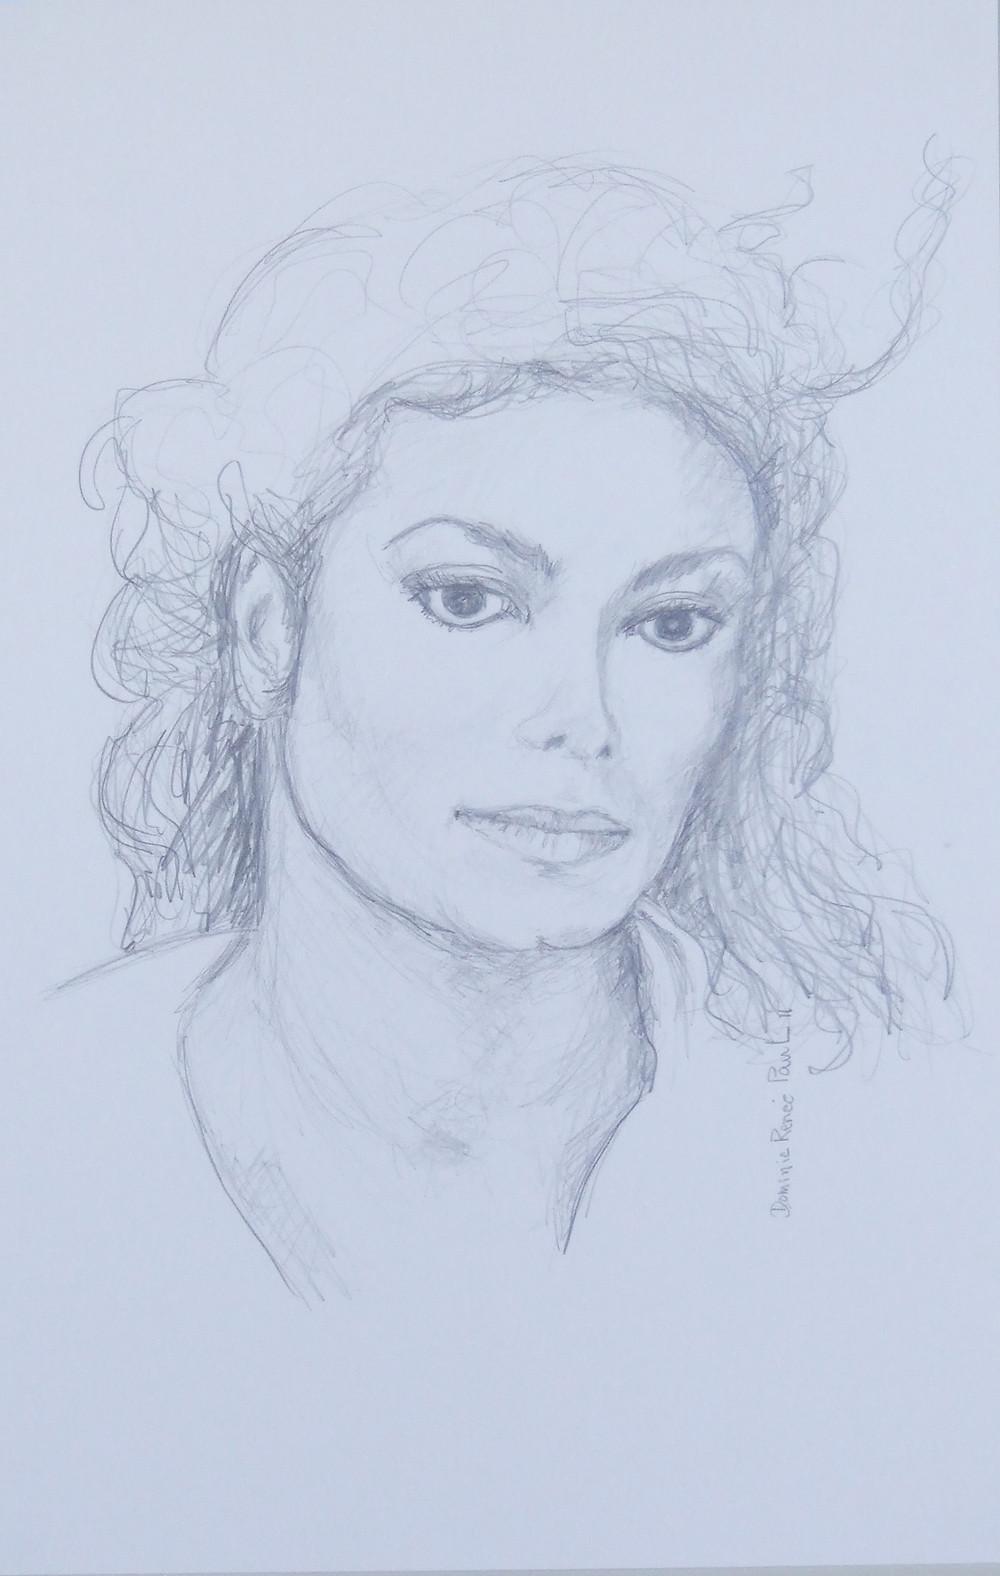 © Renée Paul, artiste peintre, dessin graphite sur papier Bristol, 42.2 cm x 27.9 cm, 2011, collection privée